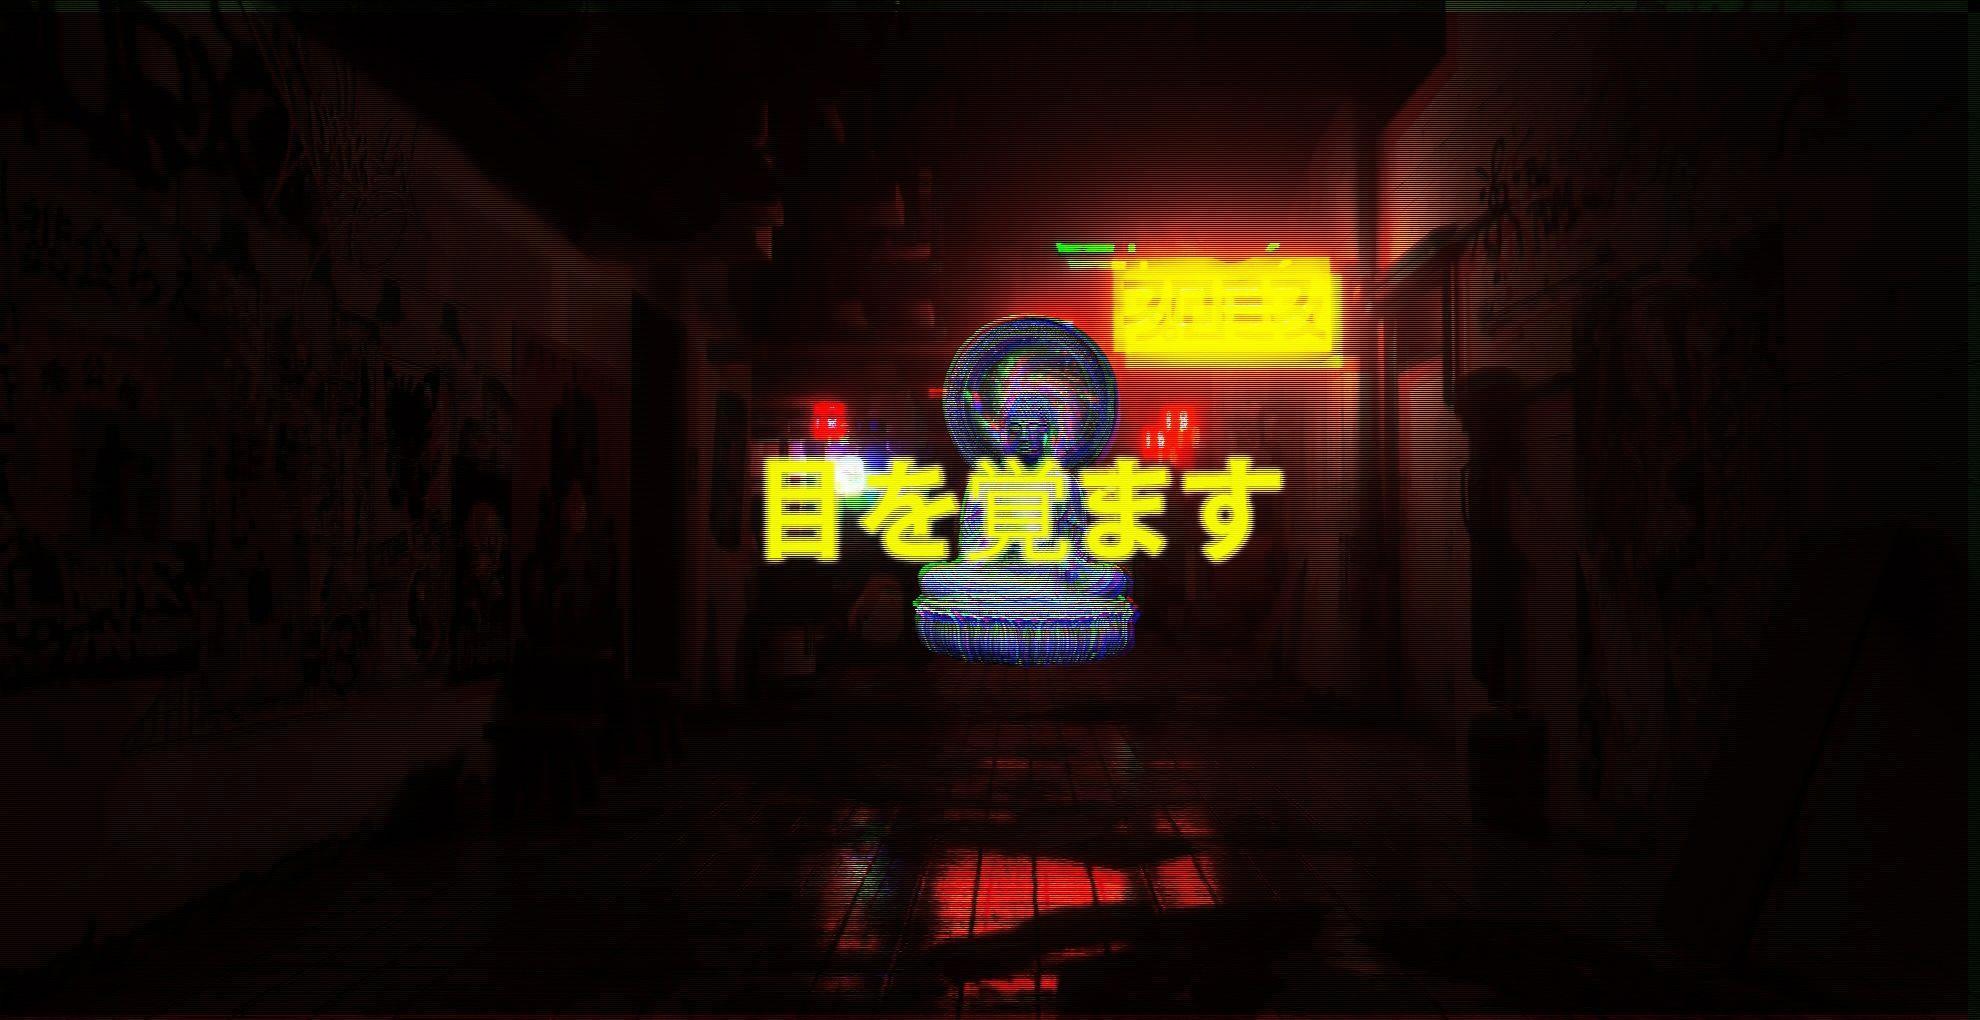 Neon Sign Aesthetic Desktop Wallpapers Top Free Neon Sign Aesthetic Desktop Backgrounds Wallpaperaccess